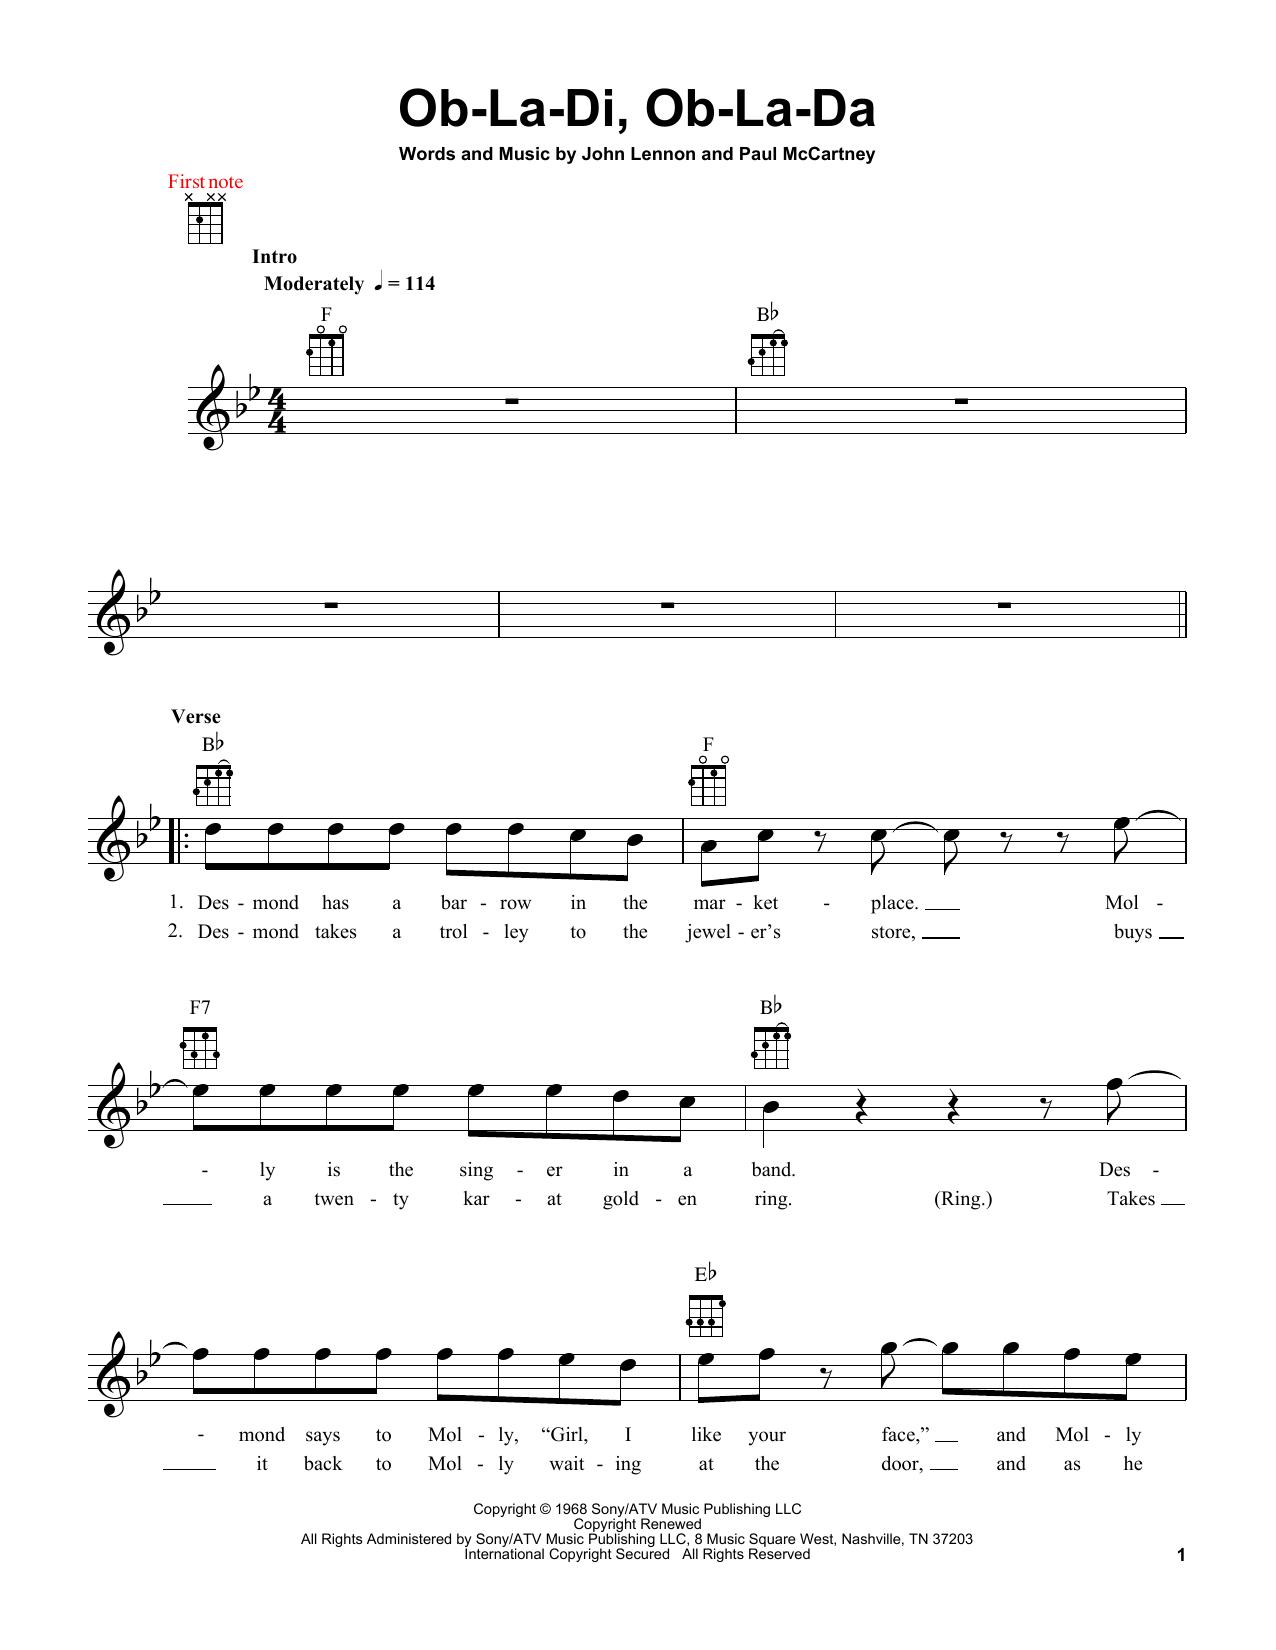 Ob-La-Di, Ob-La-Da Sheet Music